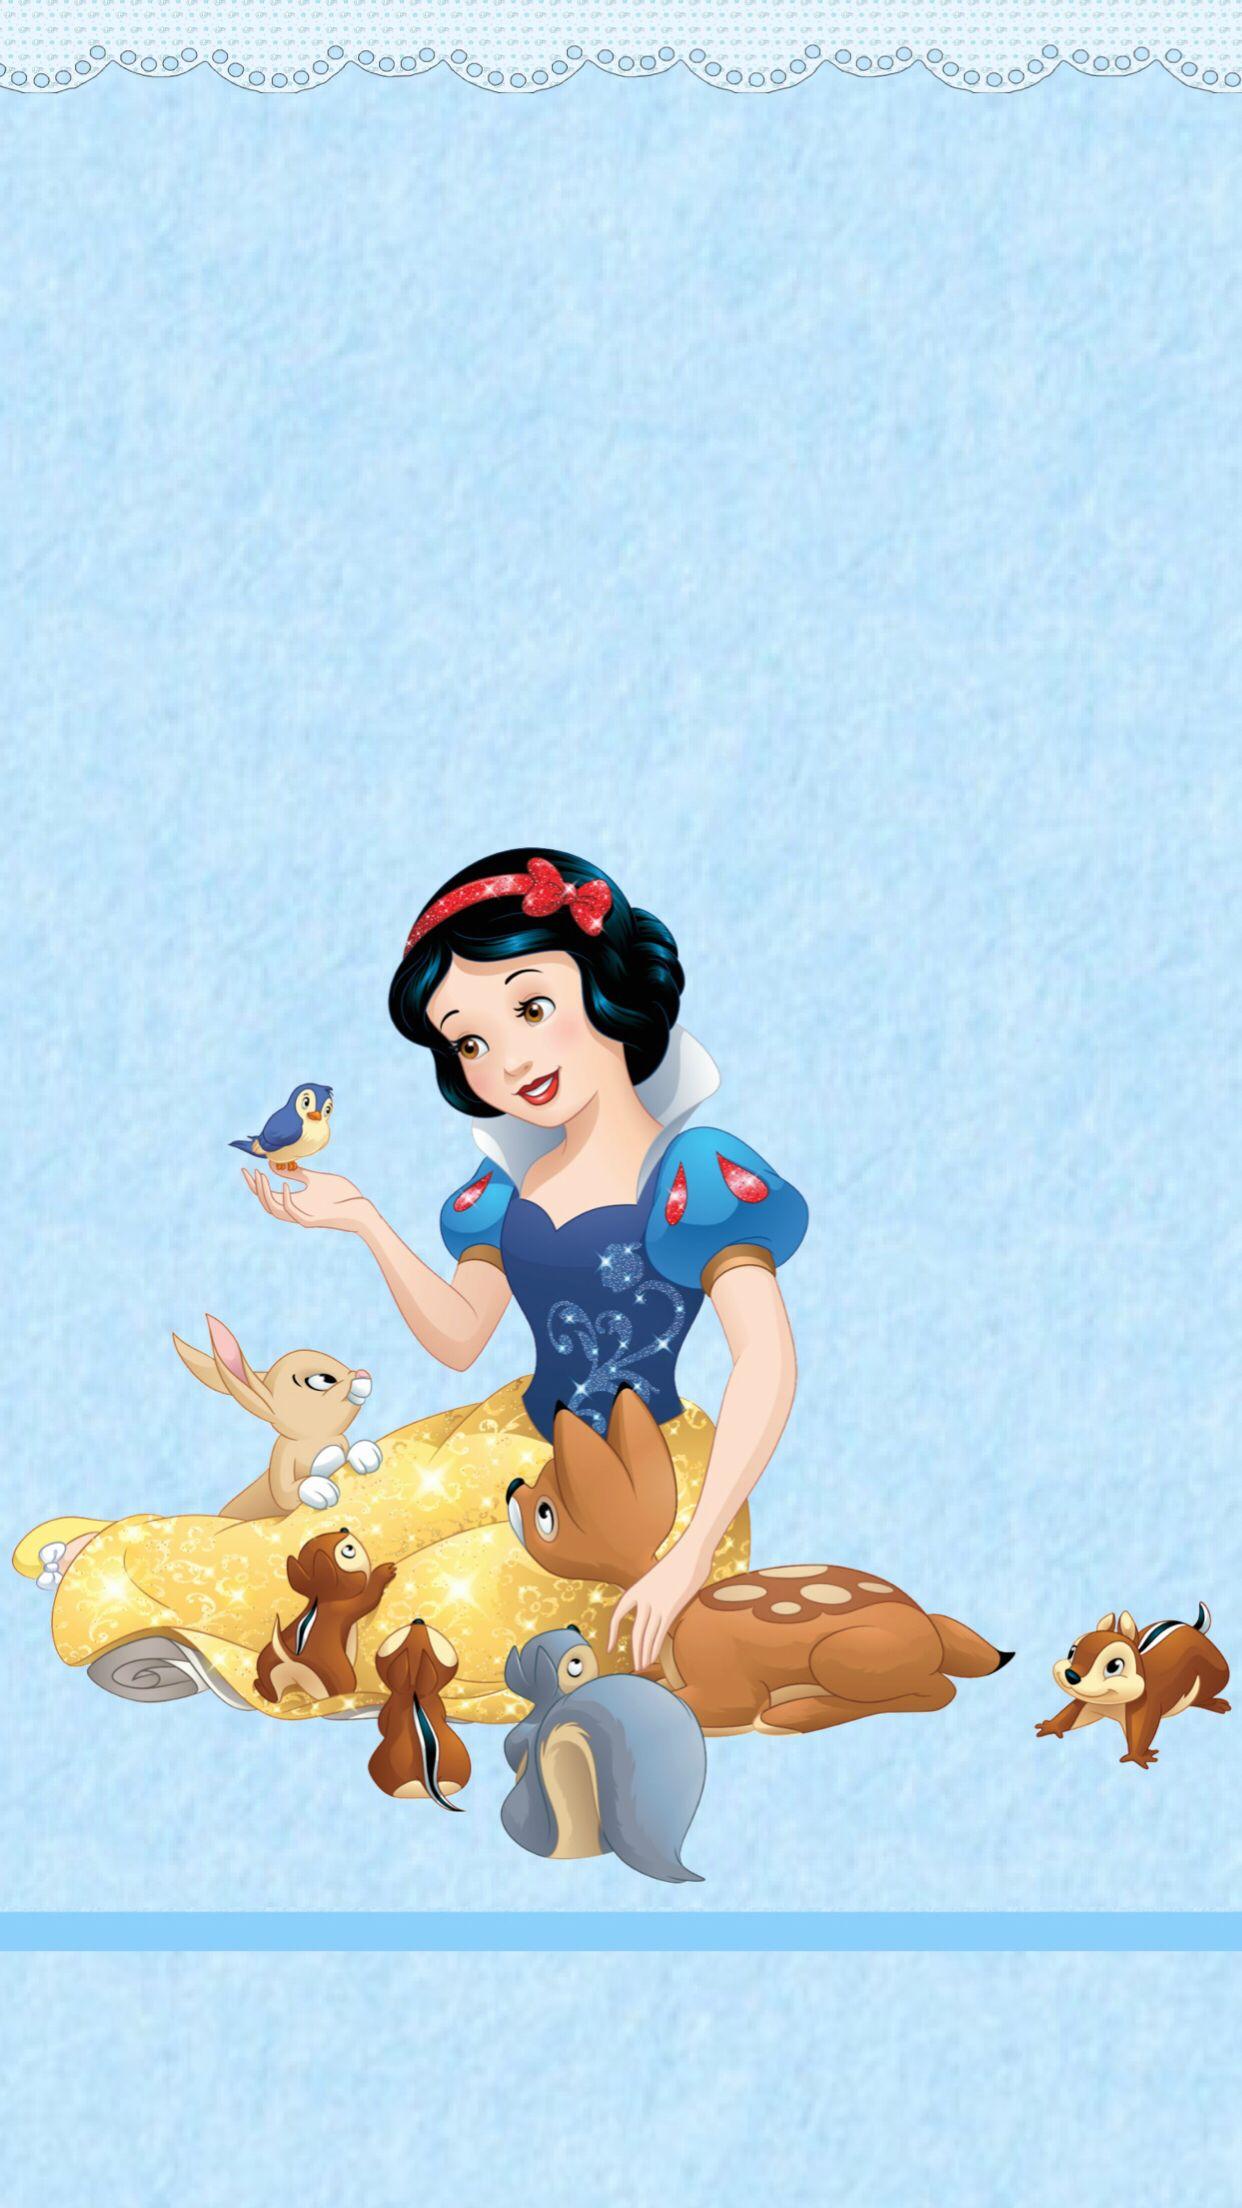 Snow White Disney Aesthetic 1242x2208 Wallpaper Teahub Io